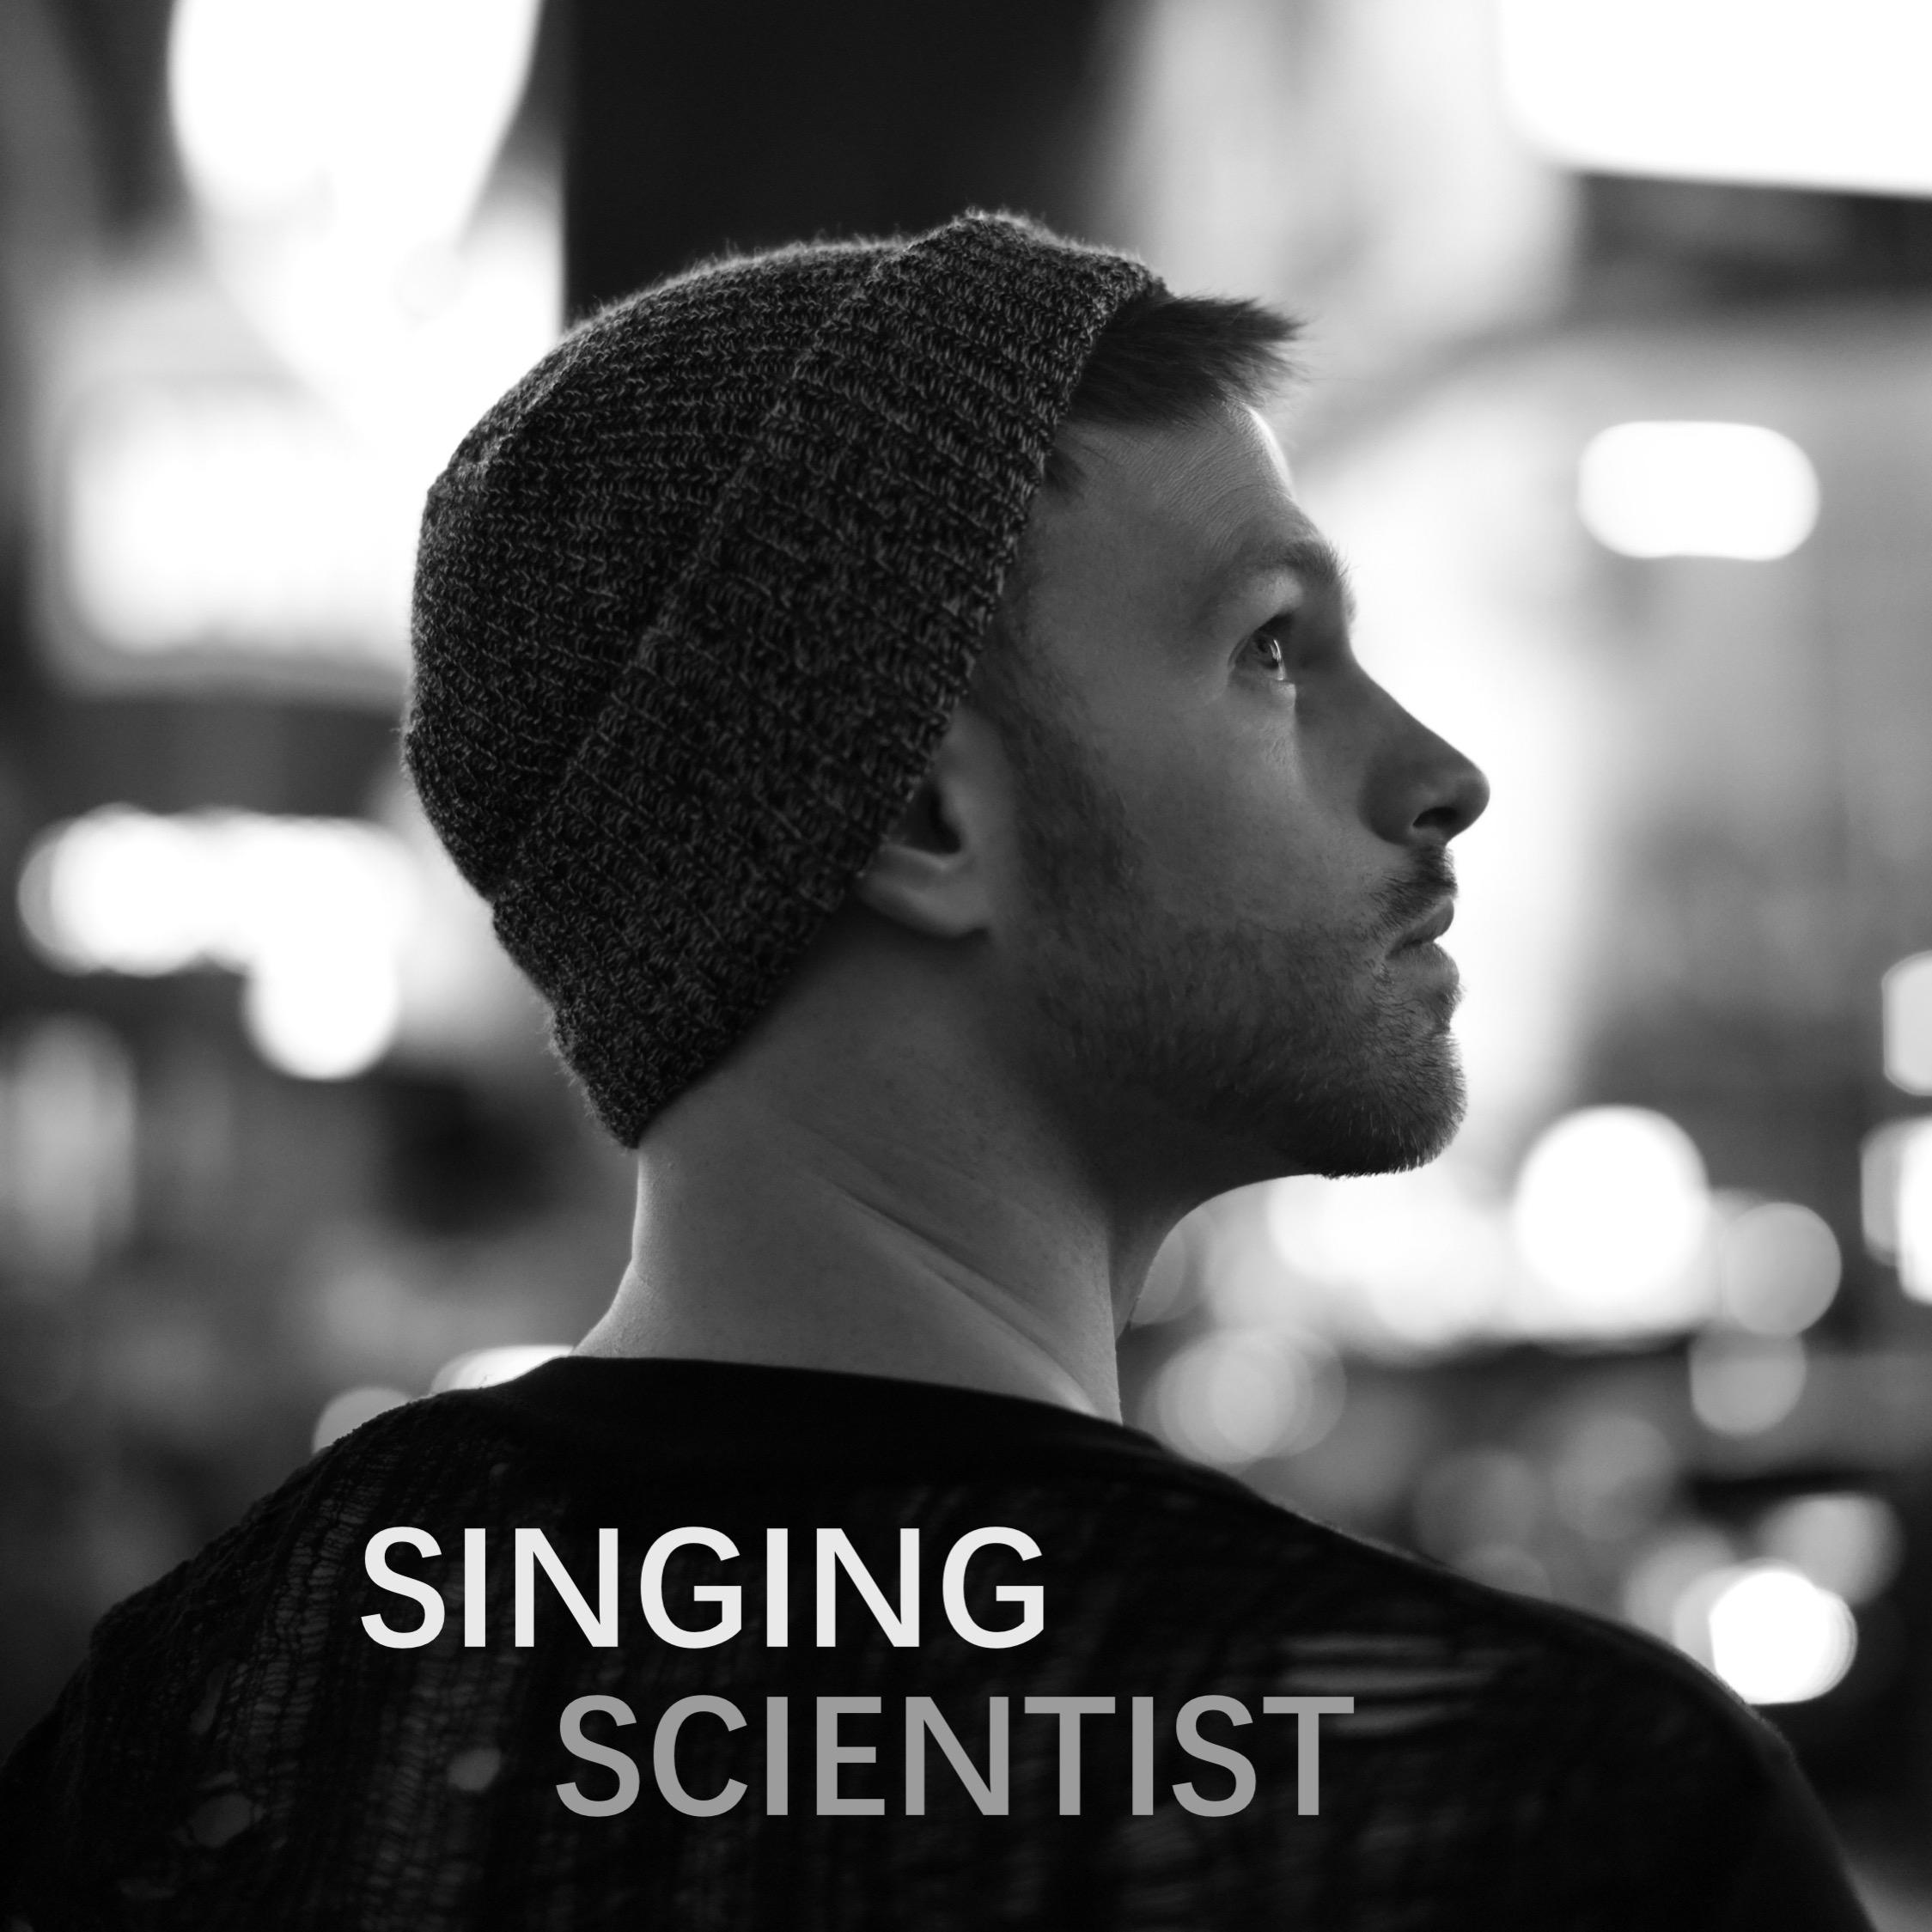 Singing Scientist